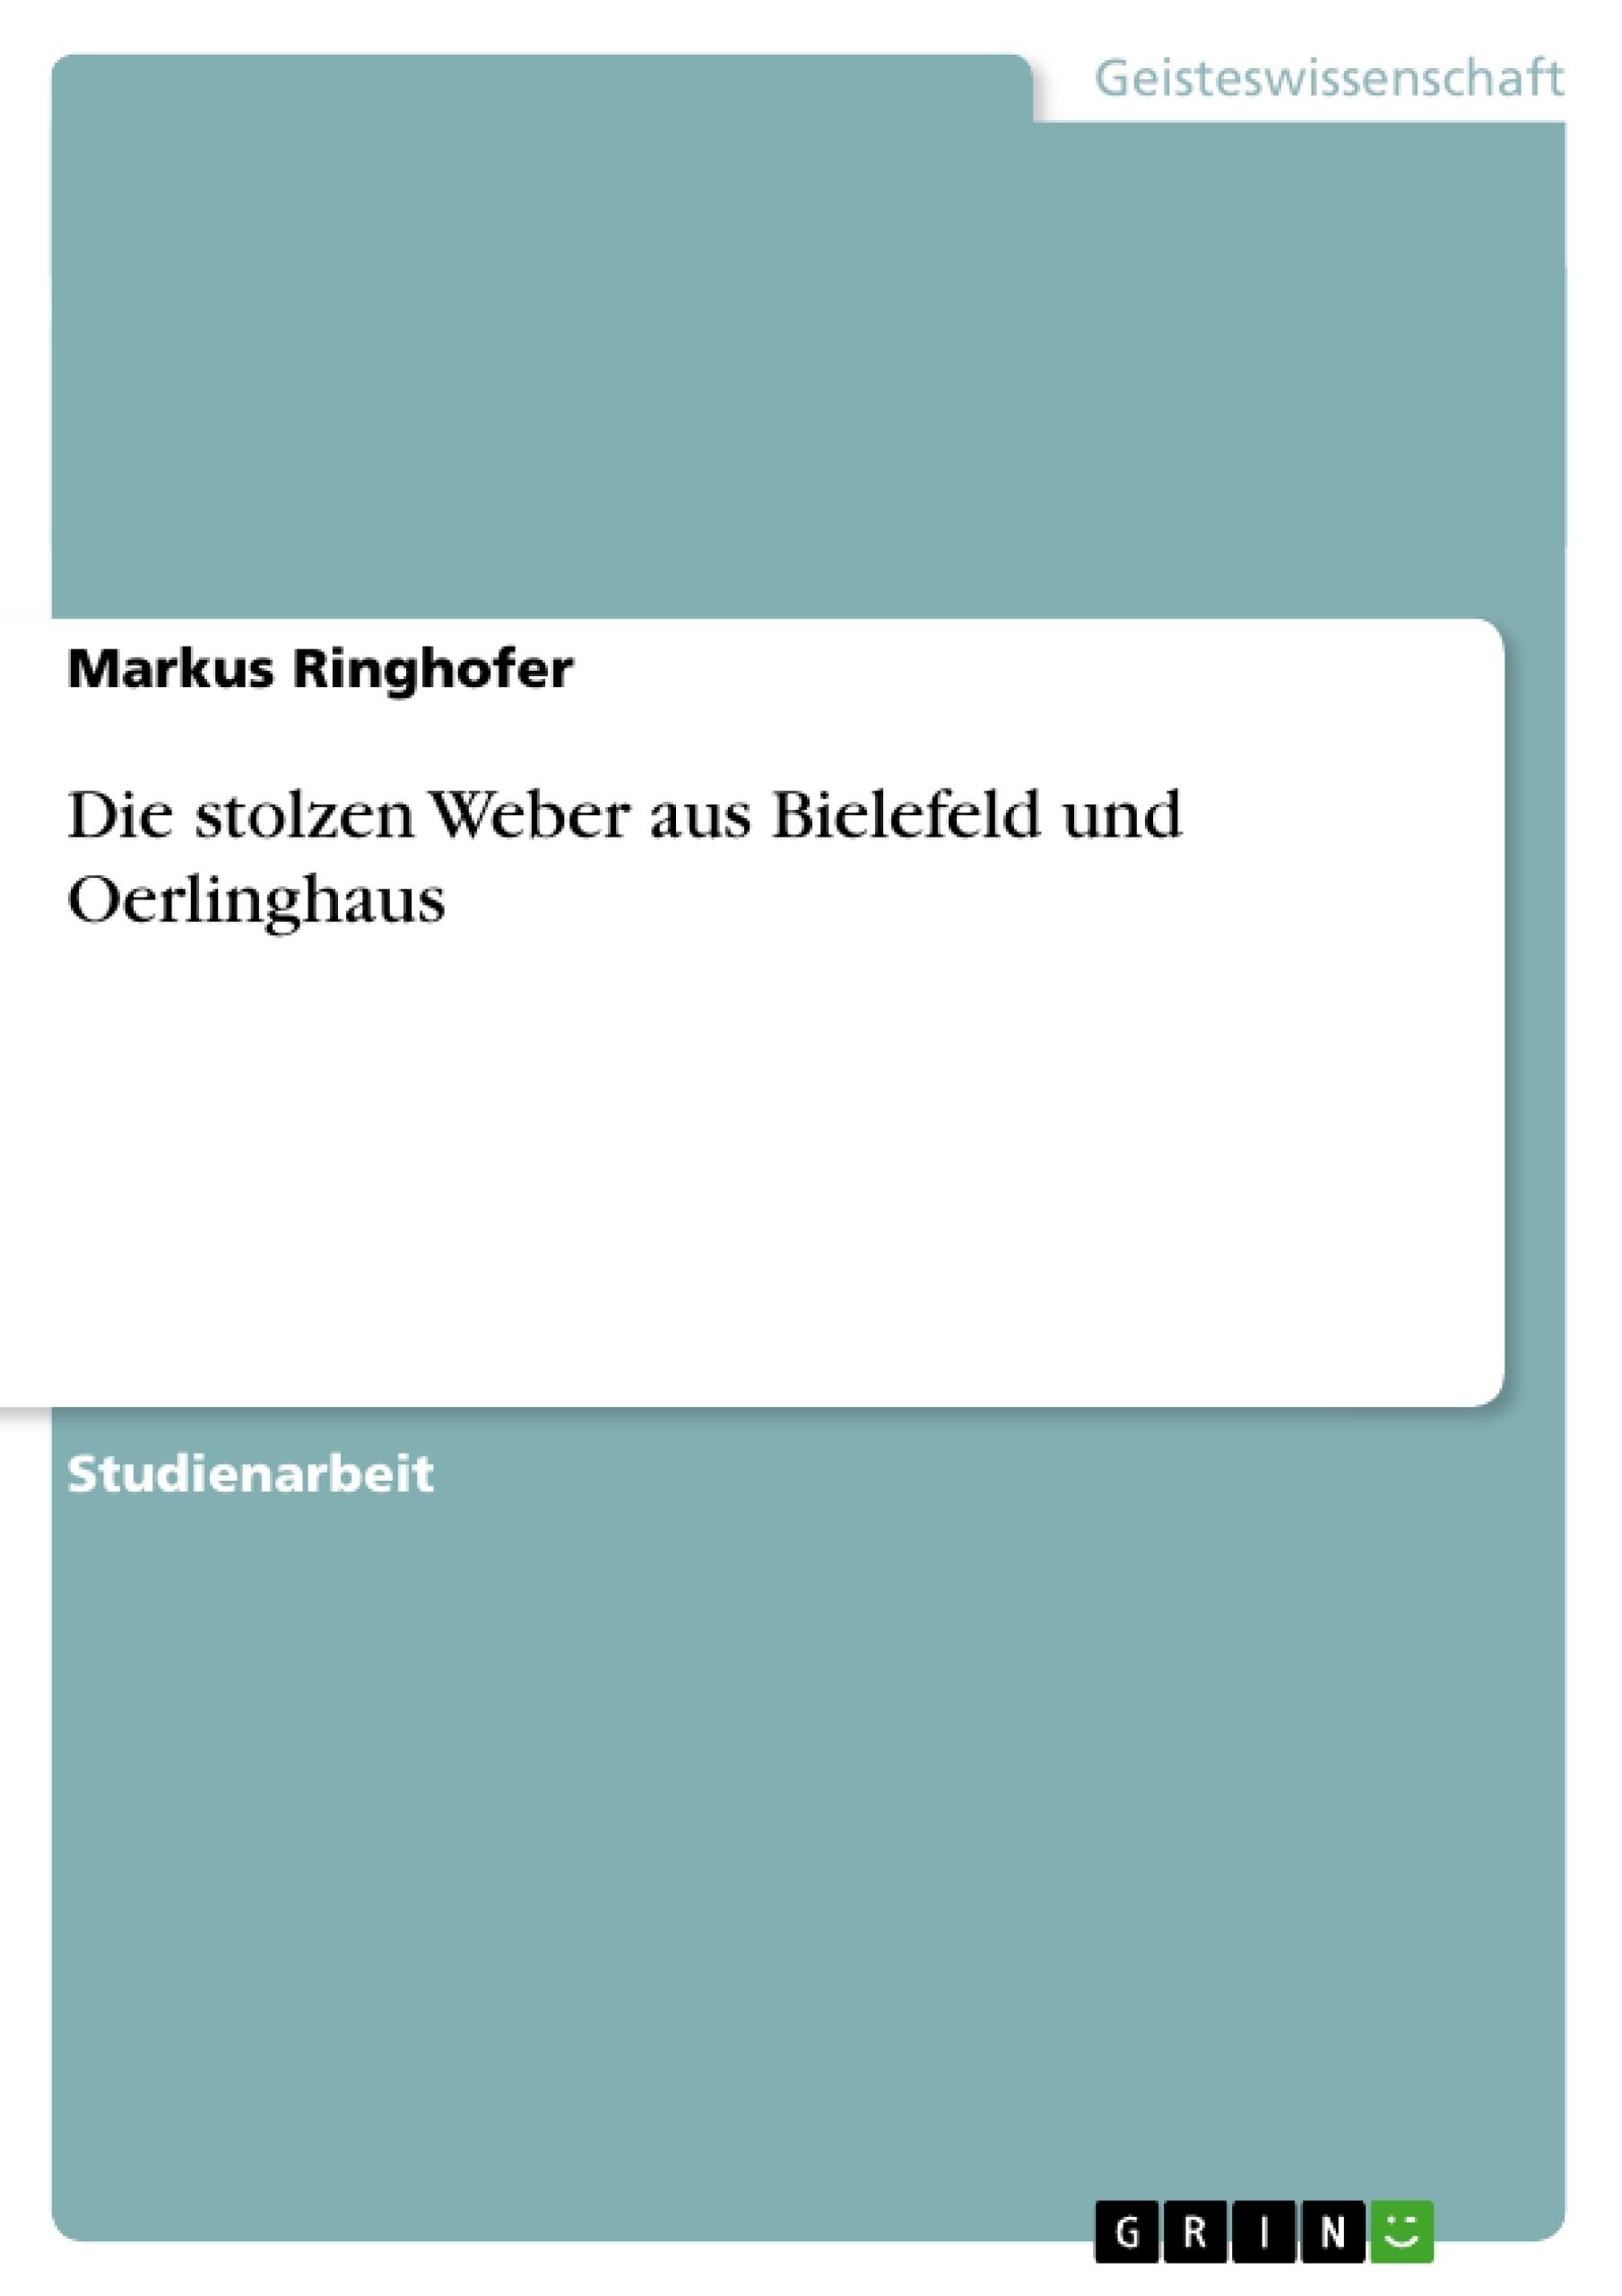 Titel: Die stolzen Weber aus Bielefeld und Oerlinghaus